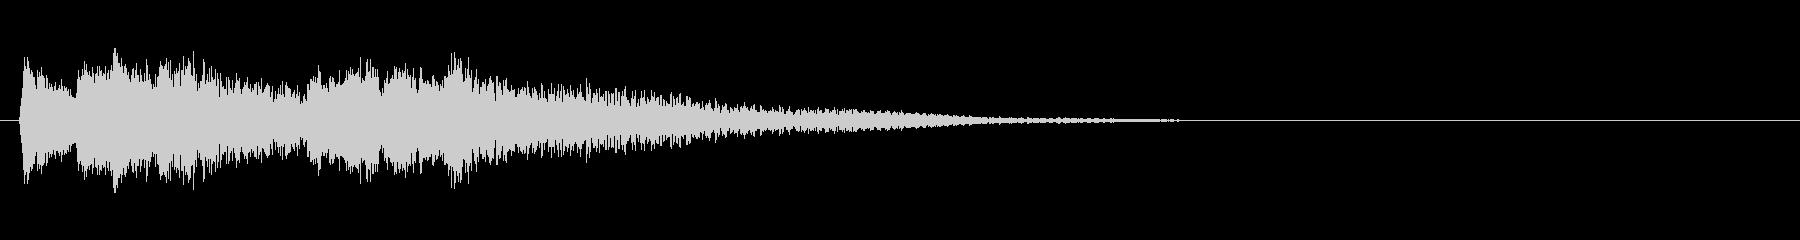 アプリやゲームに使える シャラン音の未再生の波形